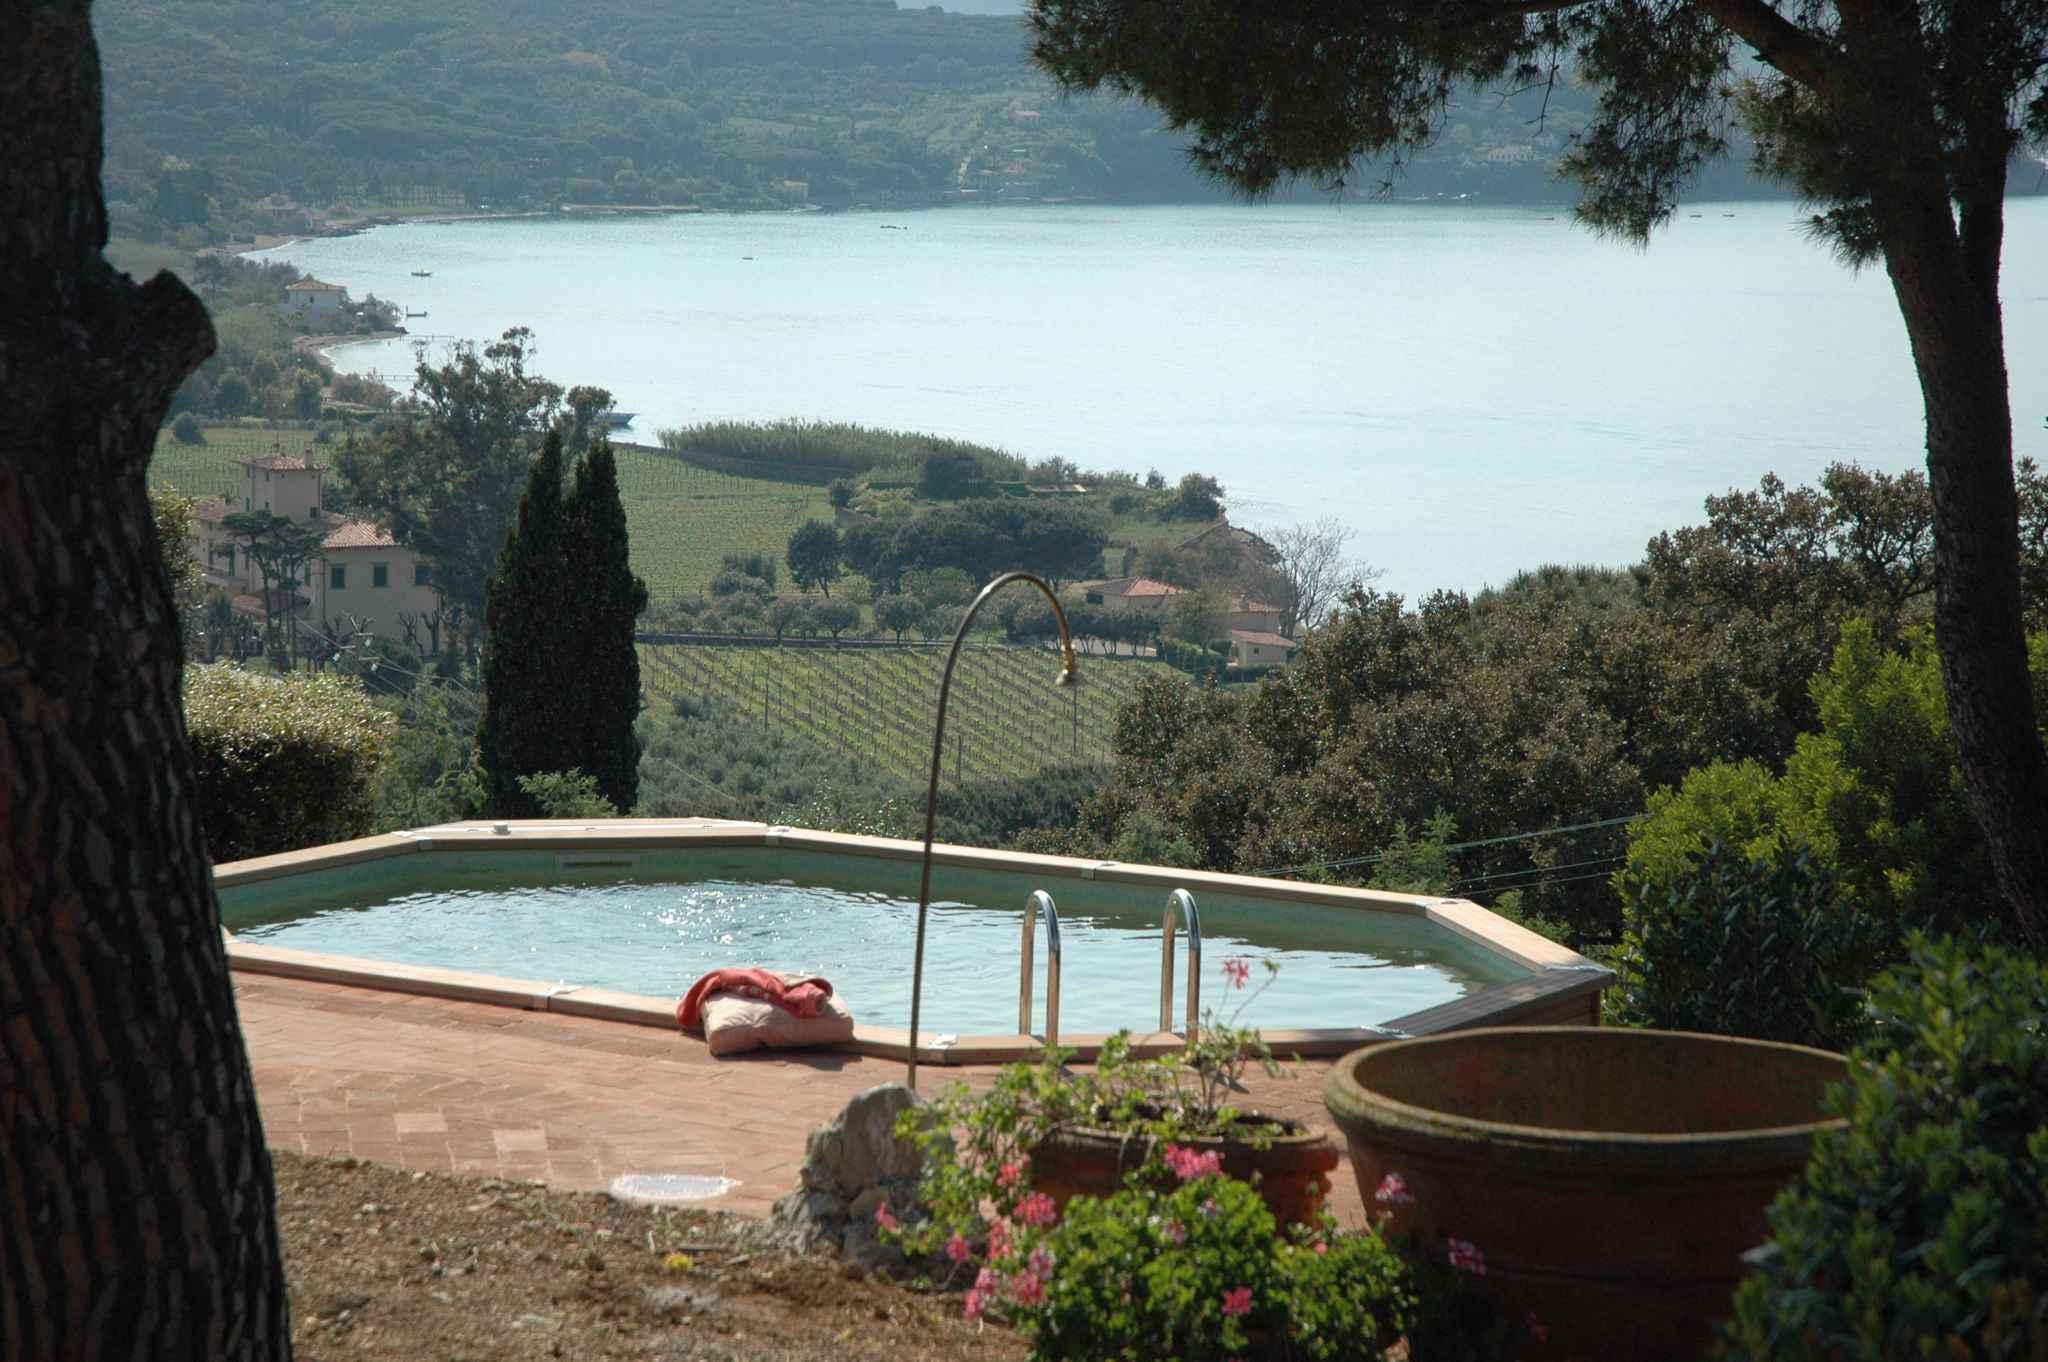 Ferienhaus Villa mit Whirlpool und Grillmöglichkeit (760810), Portoferraio, Elba, Toskana, Italien, Bild 4